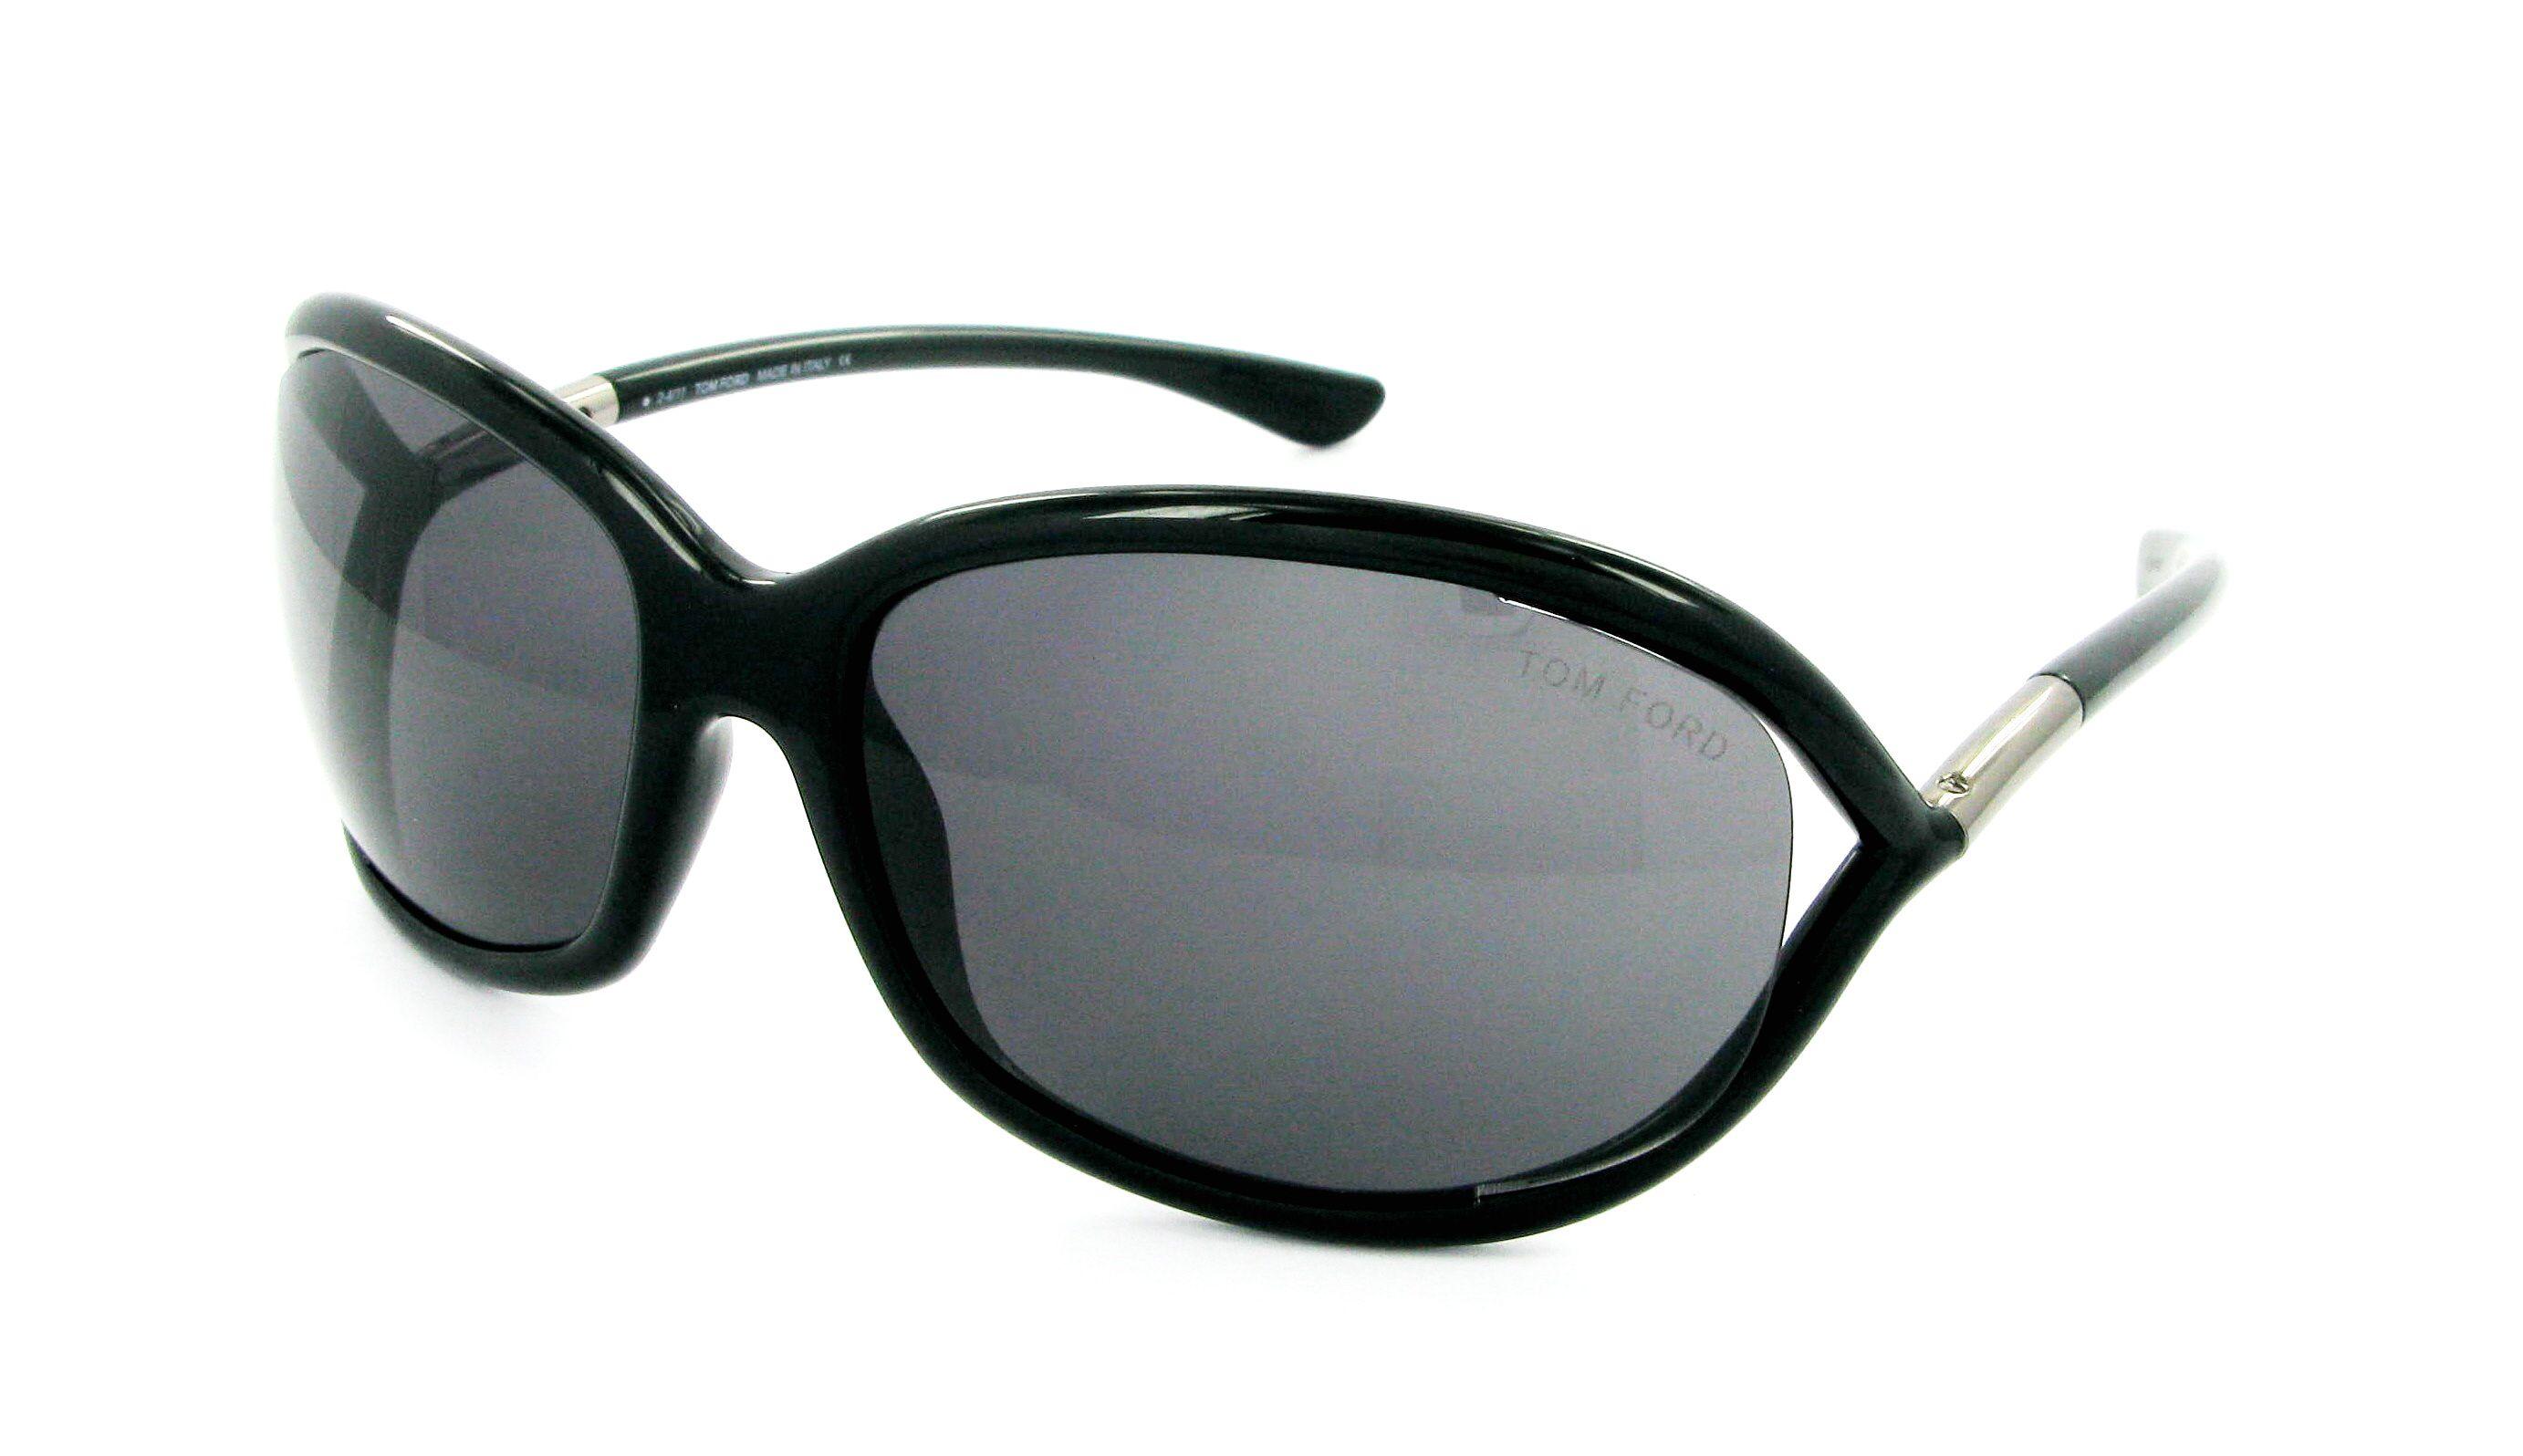 ec27c9ad62e8 lunettes bvlgari femme 2014,Lunettes de soleil bvlgari BV8112B